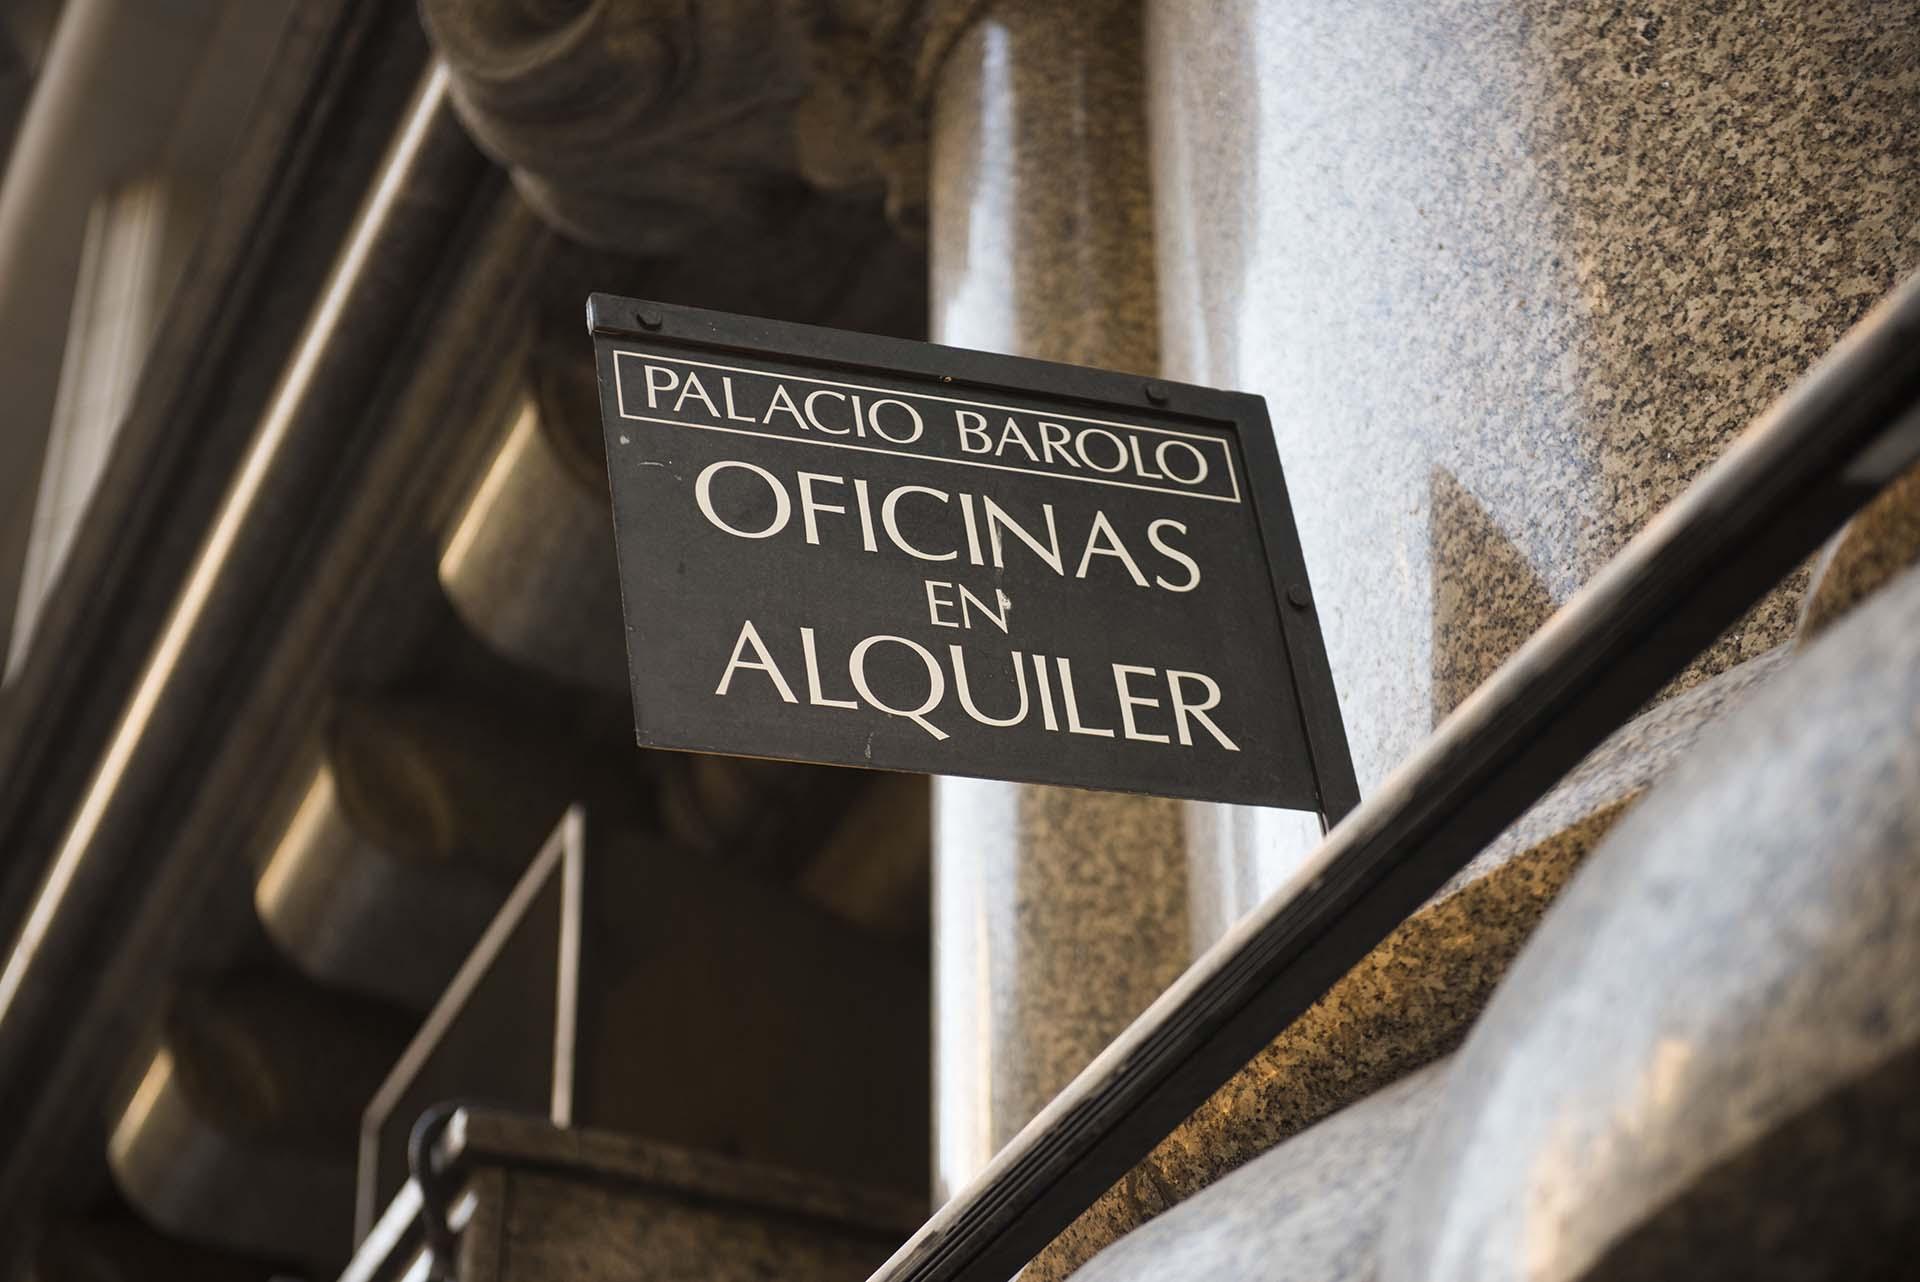 La construcción del arquitecto italiano Mario Palanti se finalizó en 1923, un año después de la muerte de quien encargó el proyecto, el empresario textil italiano Luis Barolo